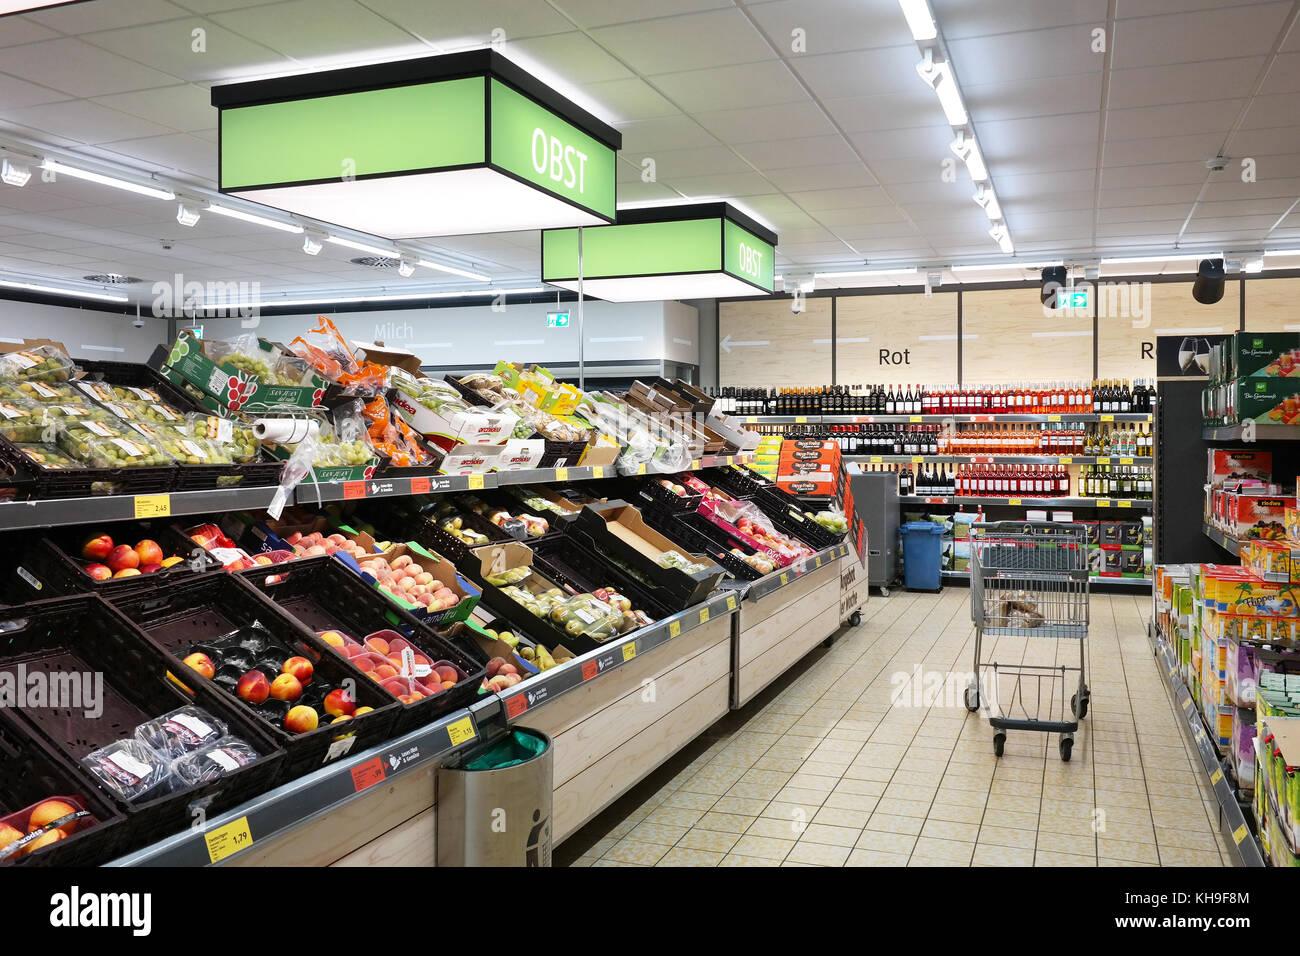 Interno di un aldi sud supermercato discount Immagini Stock